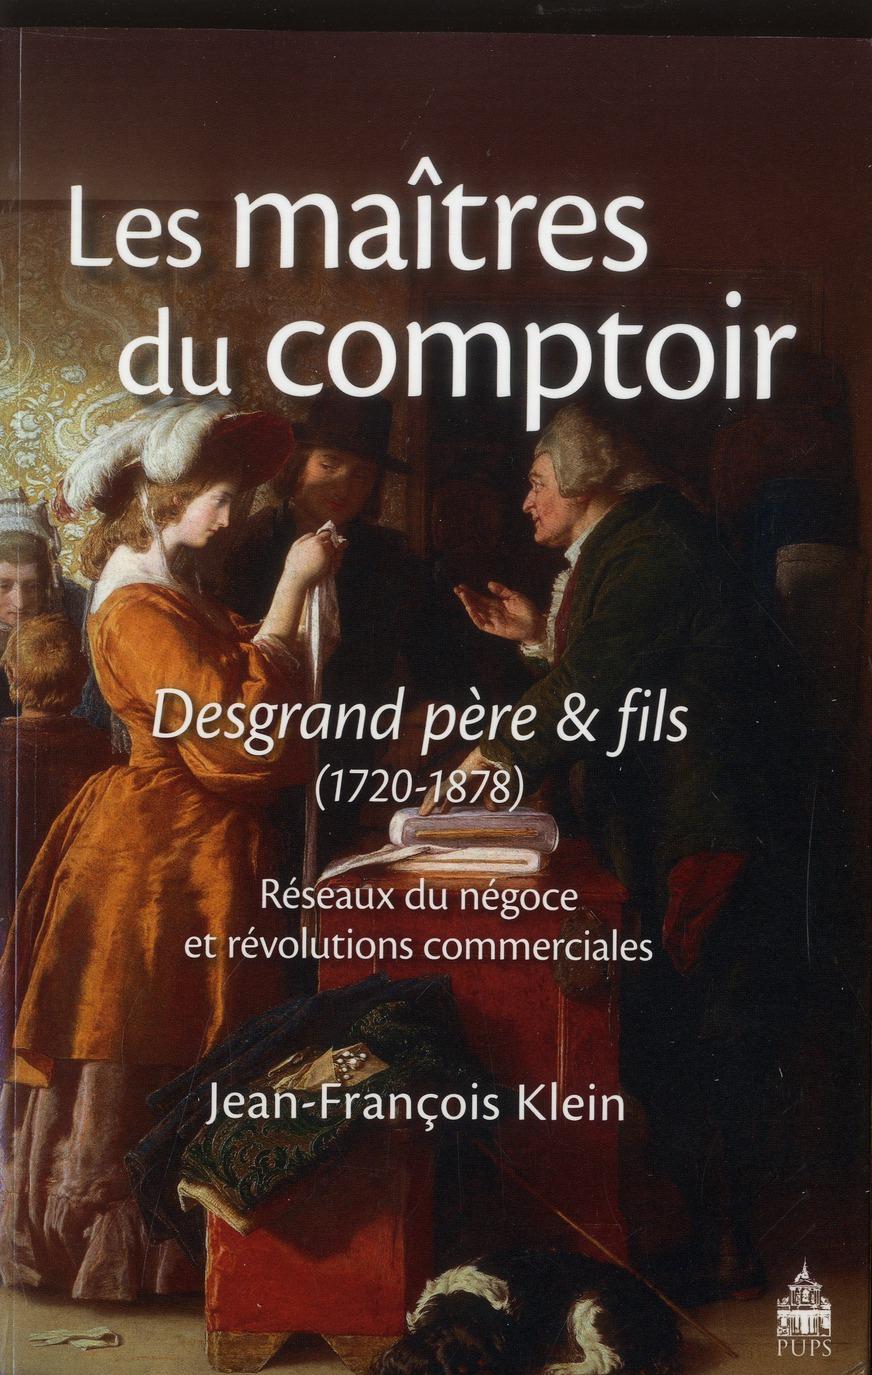 Les maîtres du comptoir : Desgrand père et fils ; réseaux du négoce et révolutions commerciales (1720-1878)